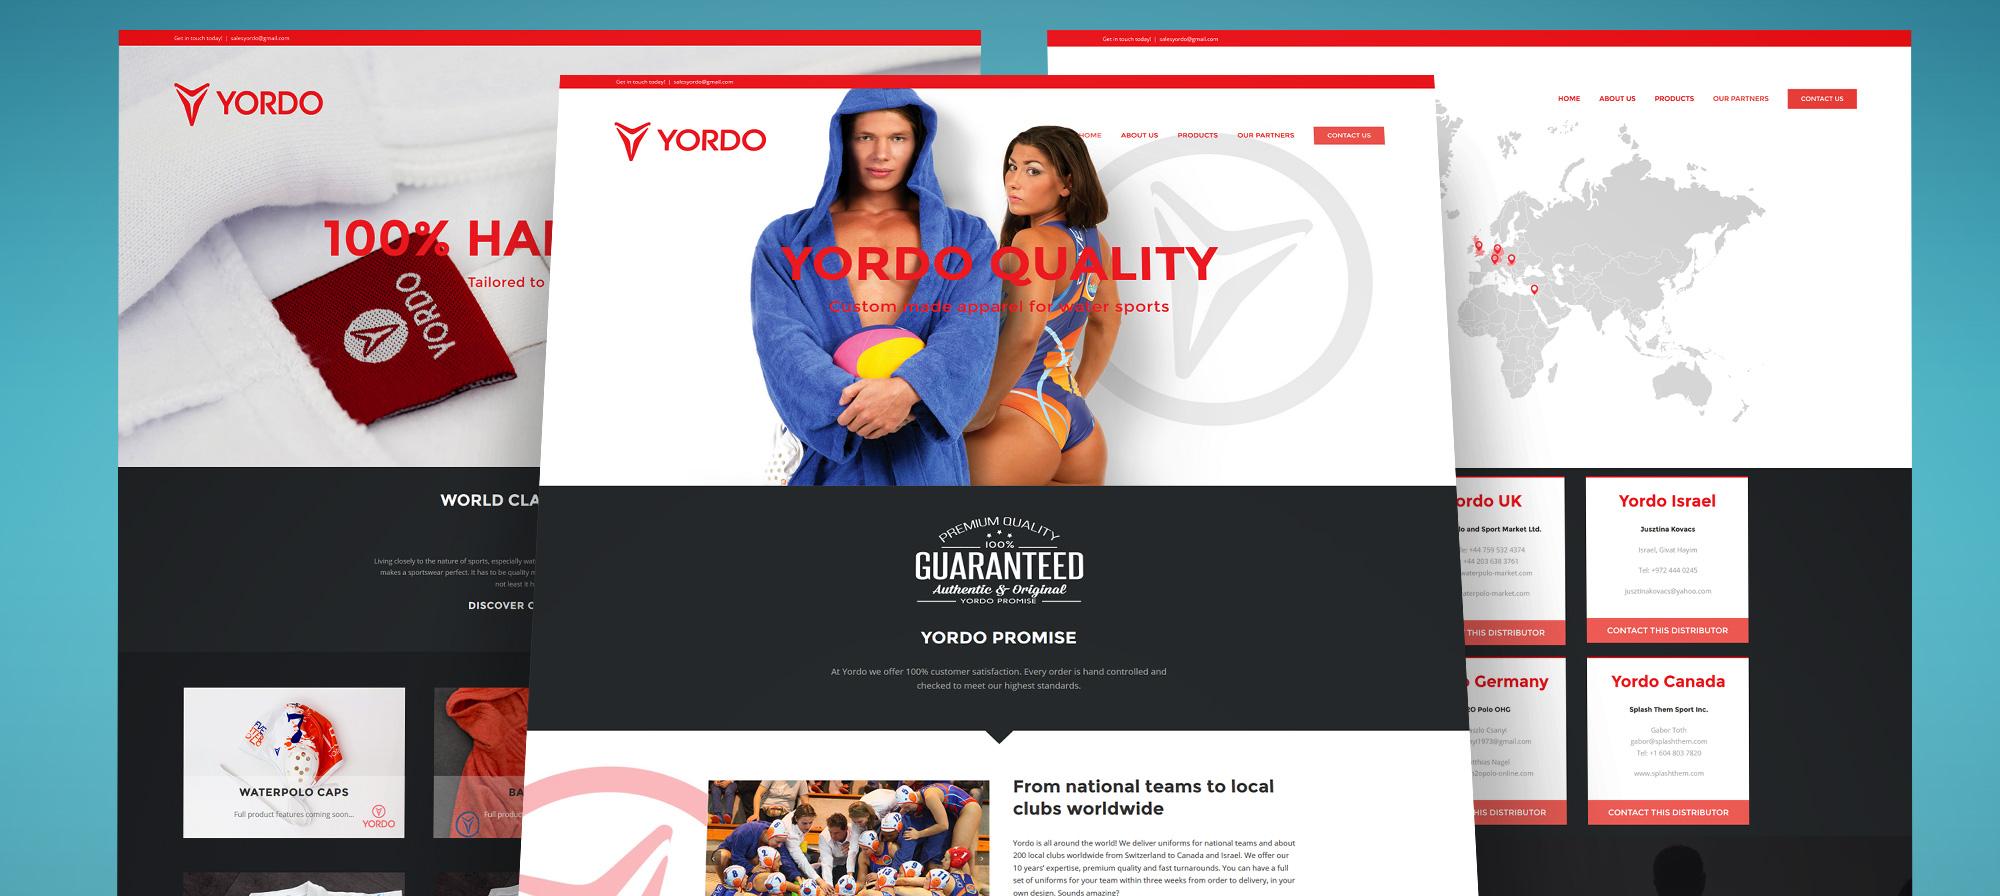 Yordosport.com weboldal tervezés és weboldal építés, termékfotózás